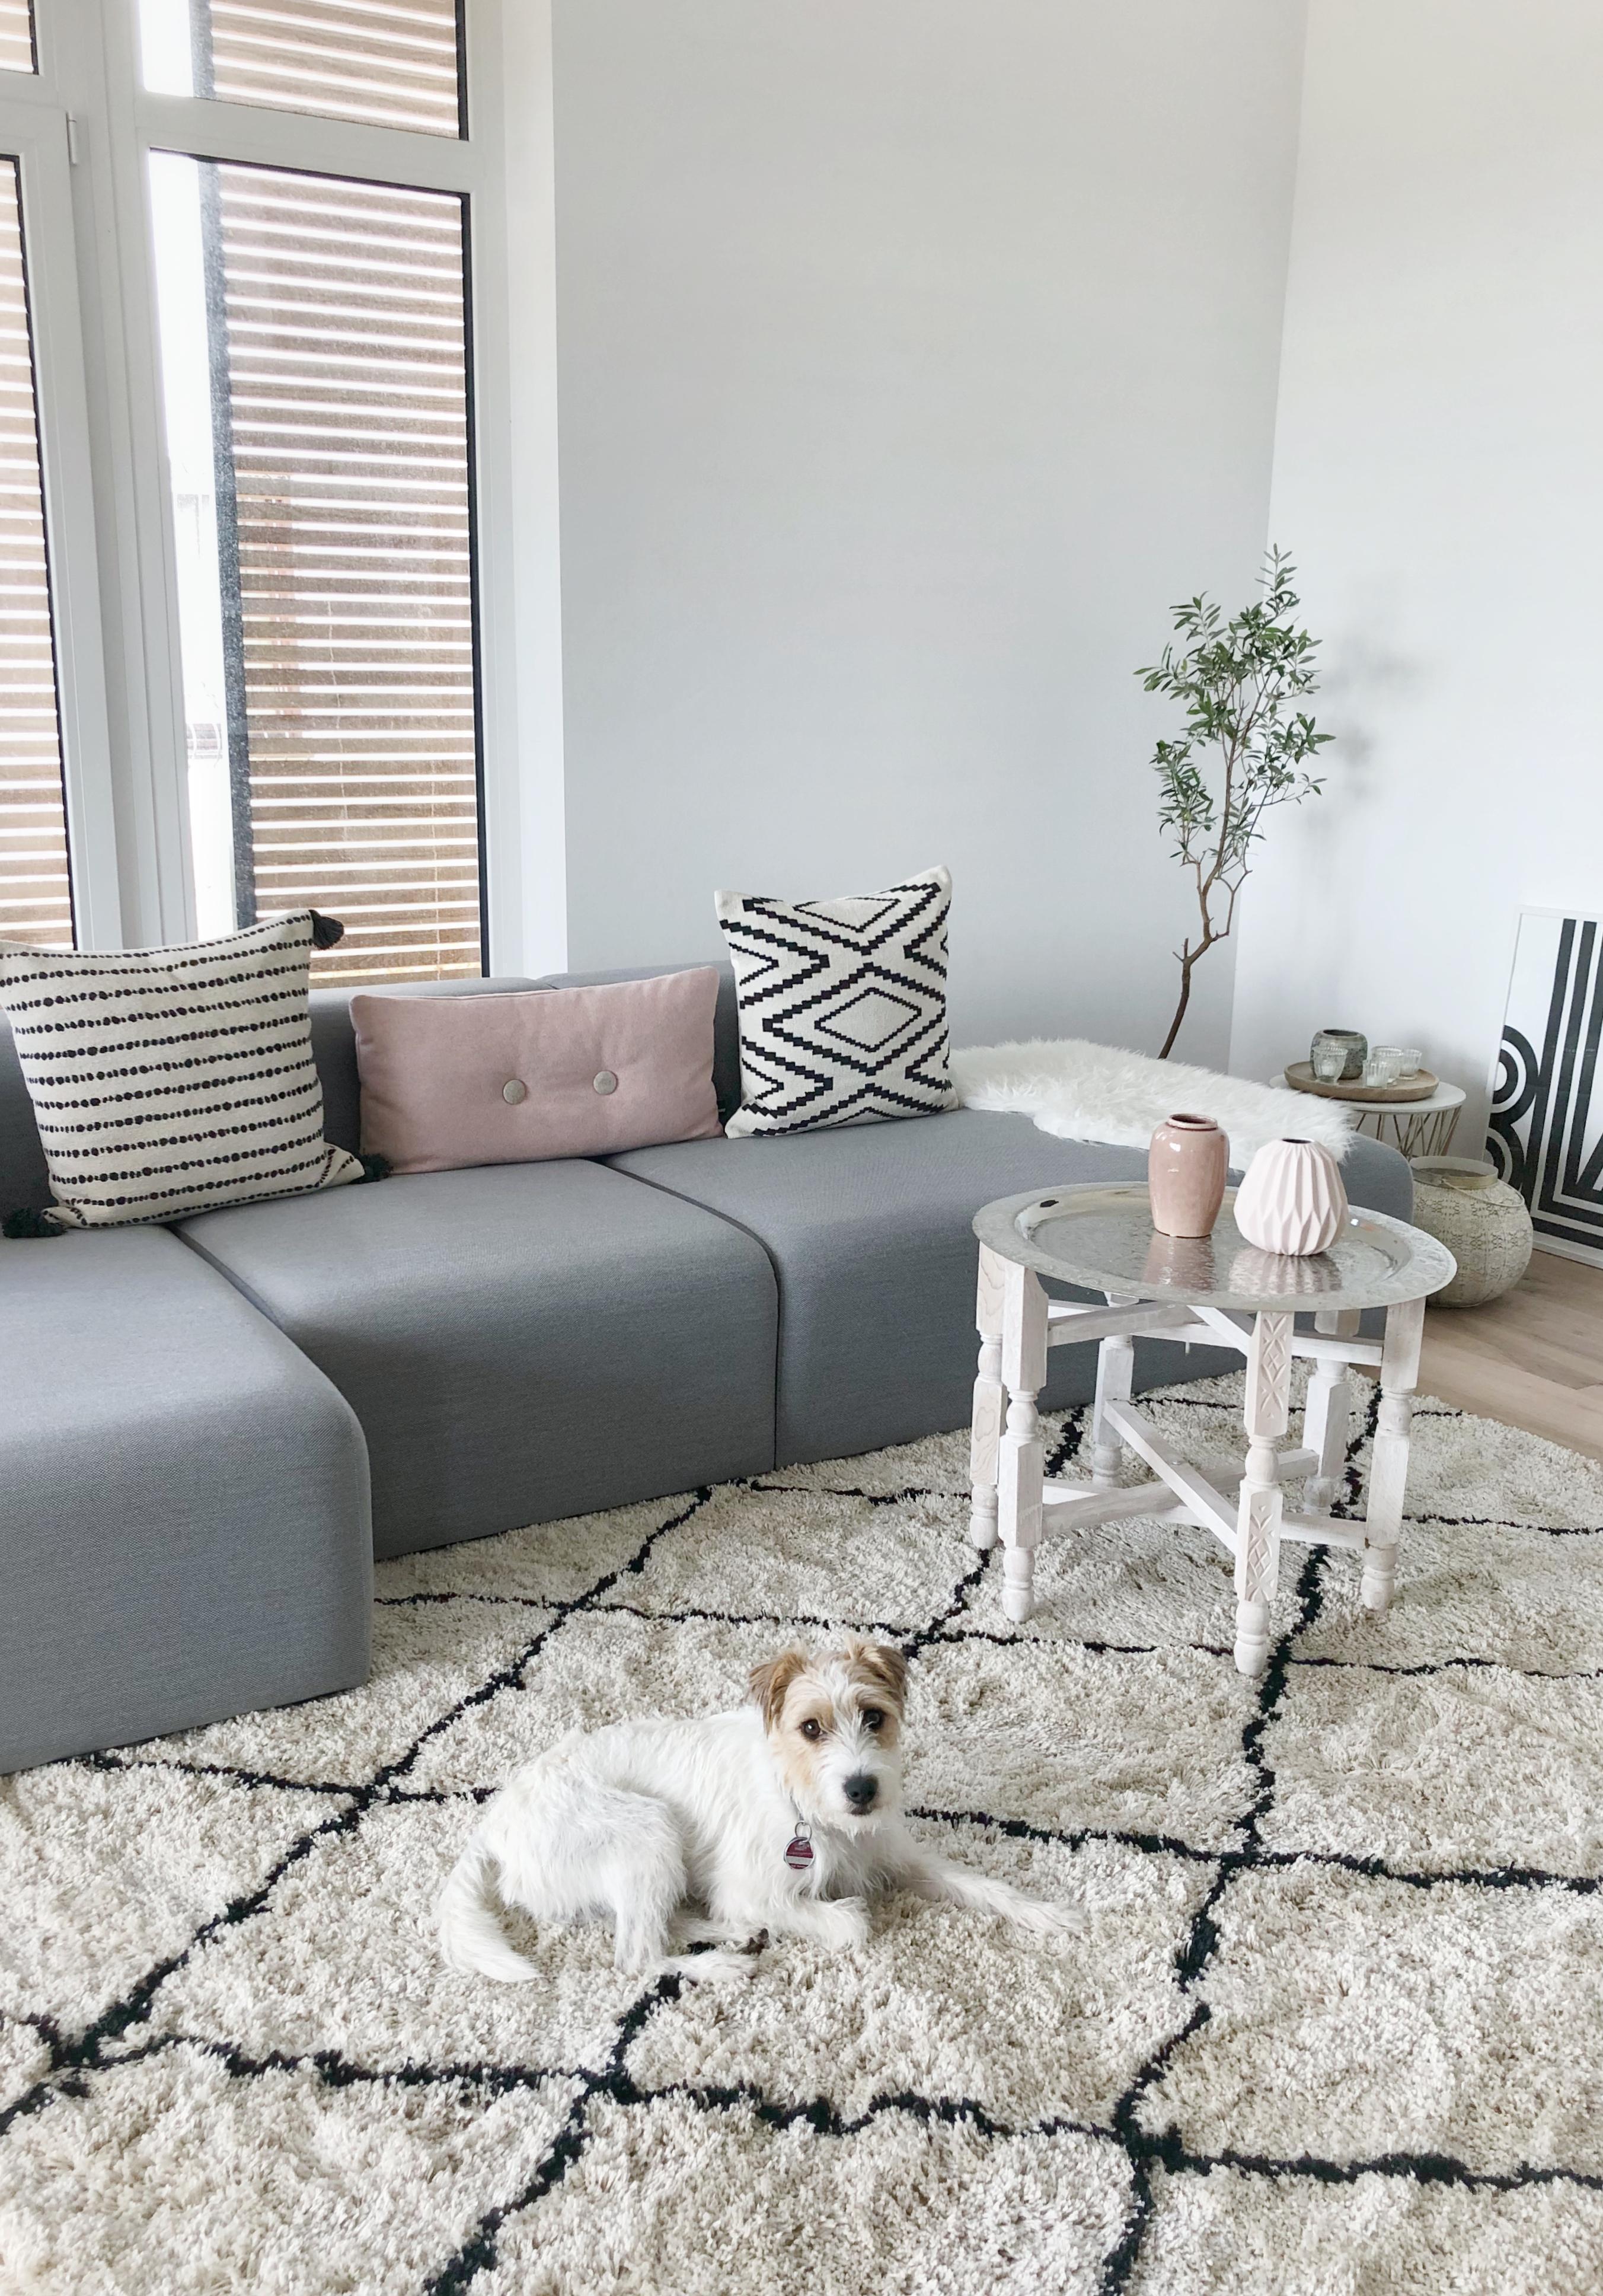 Neuer Teppich ist eingezogen! #teppich#wohnzimmer#w....